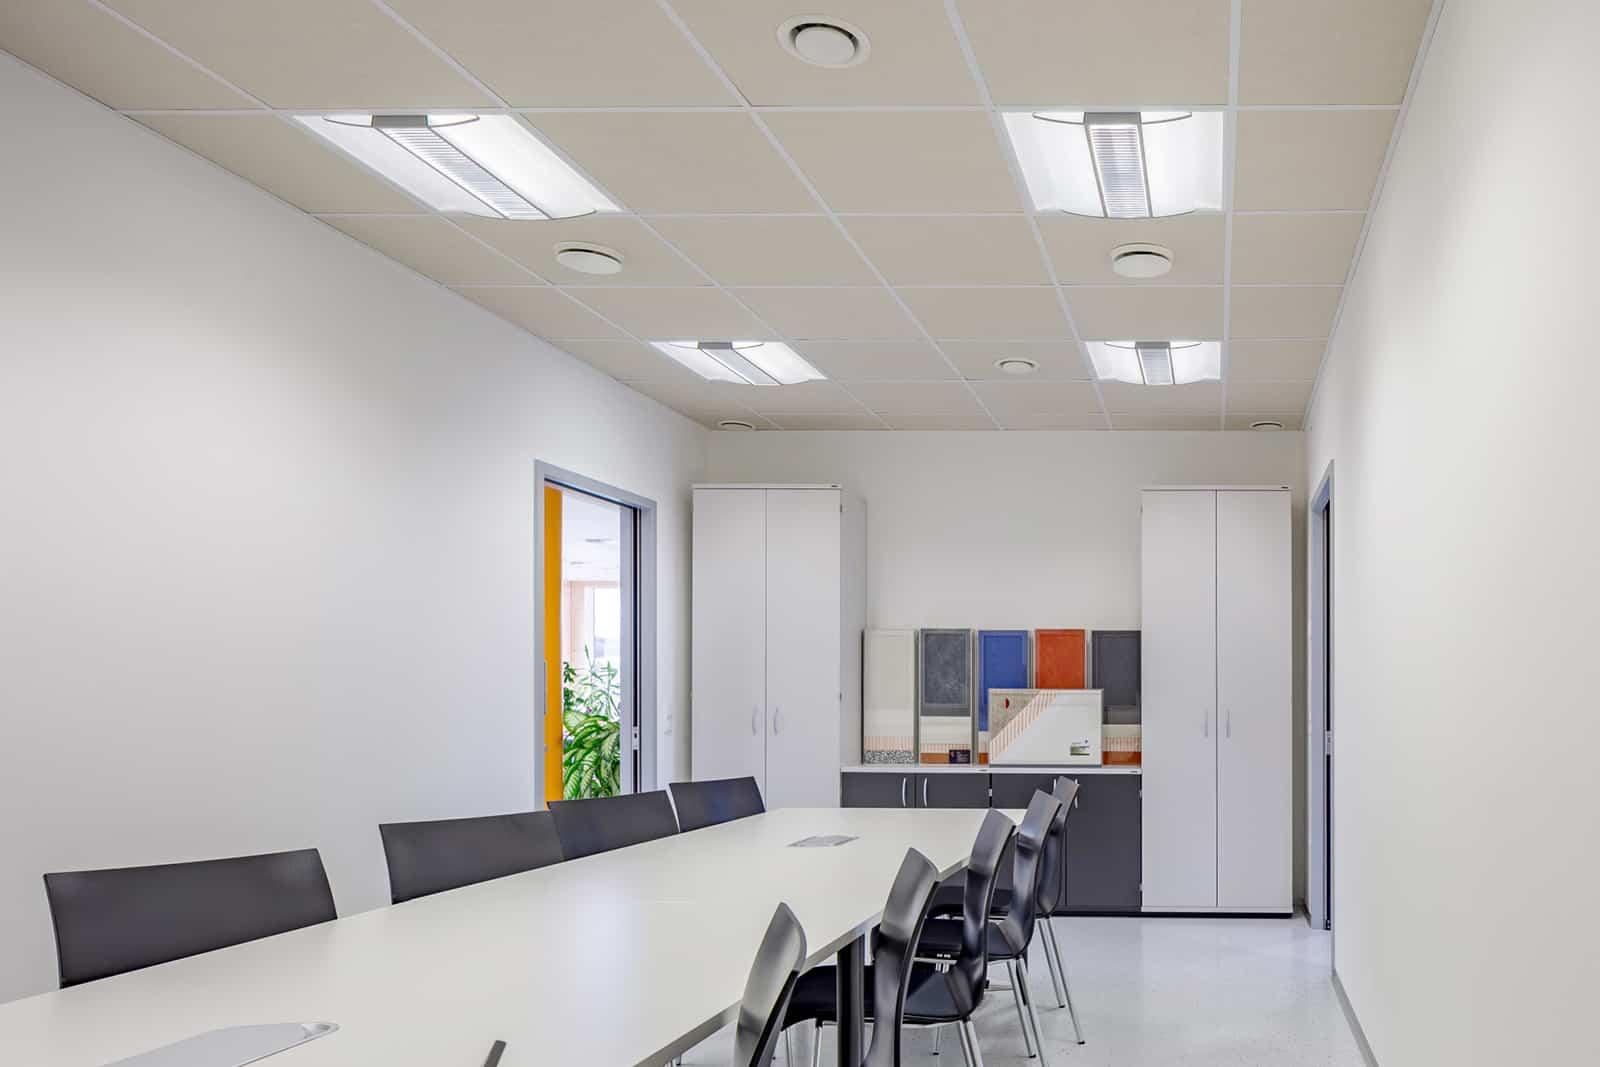 Schallschutz im Büro: Besprechungsraum Fa. Synthesa